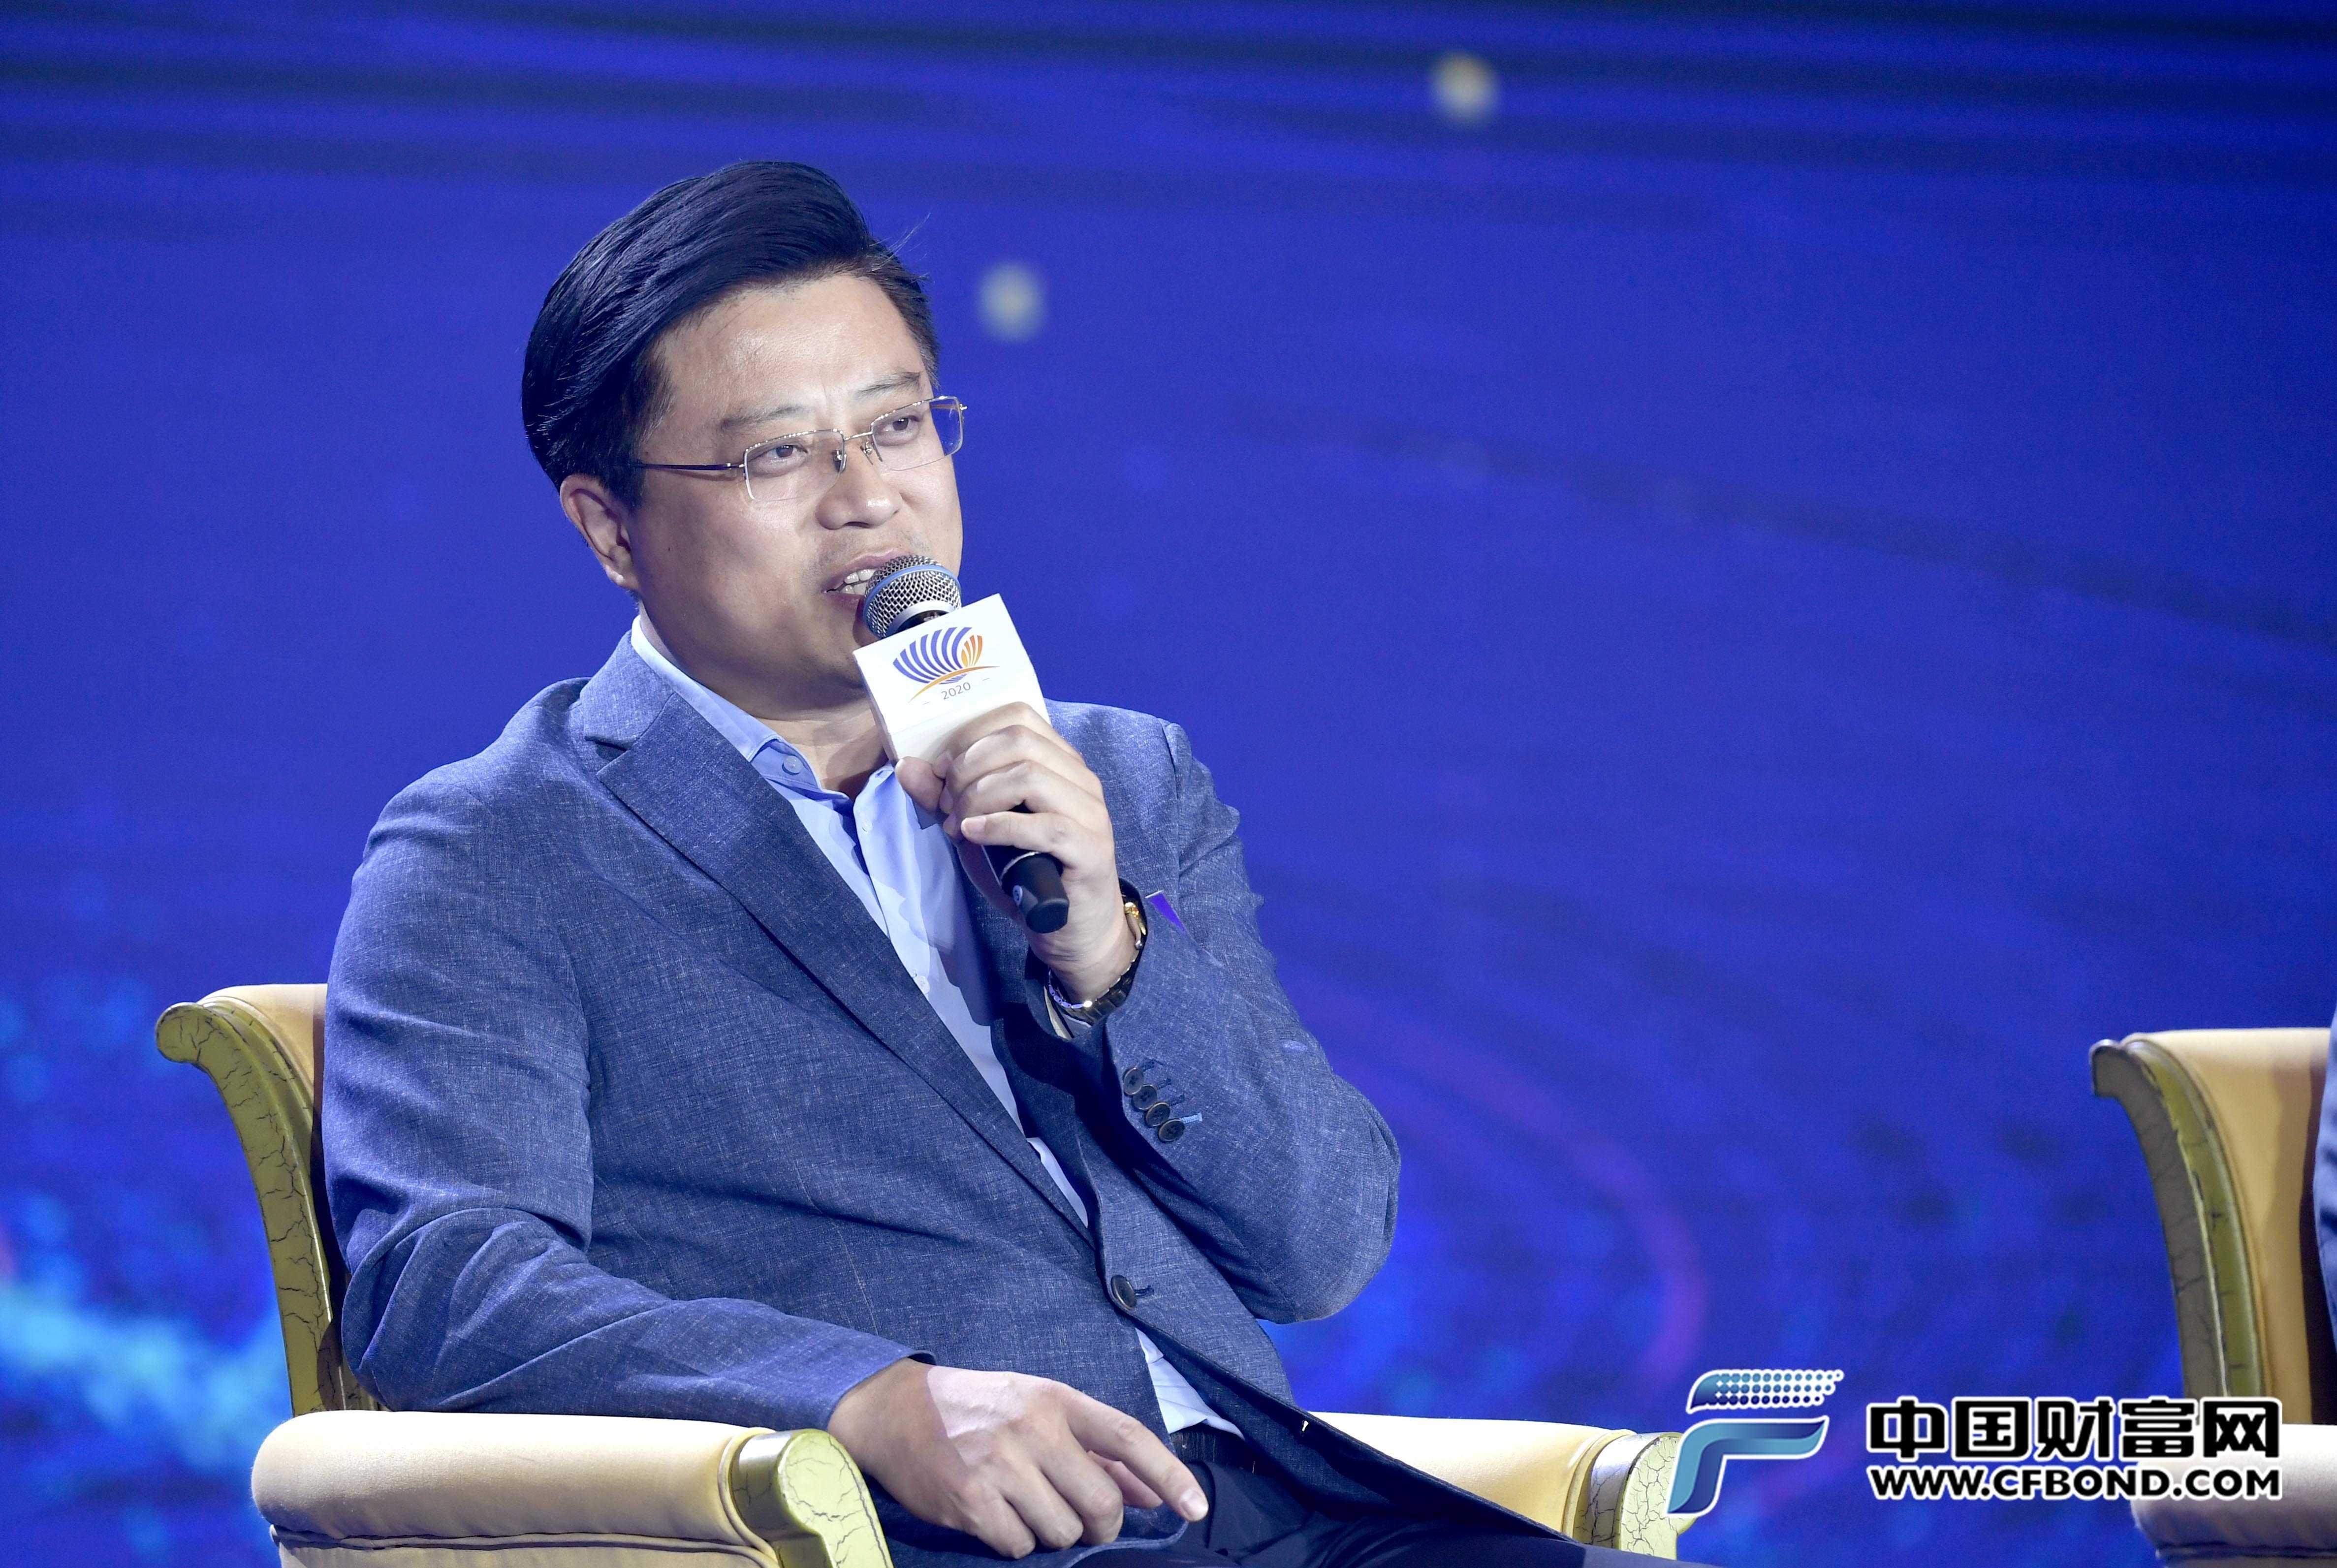 姜琳杰:上市公司治理不行 企业经营难到位